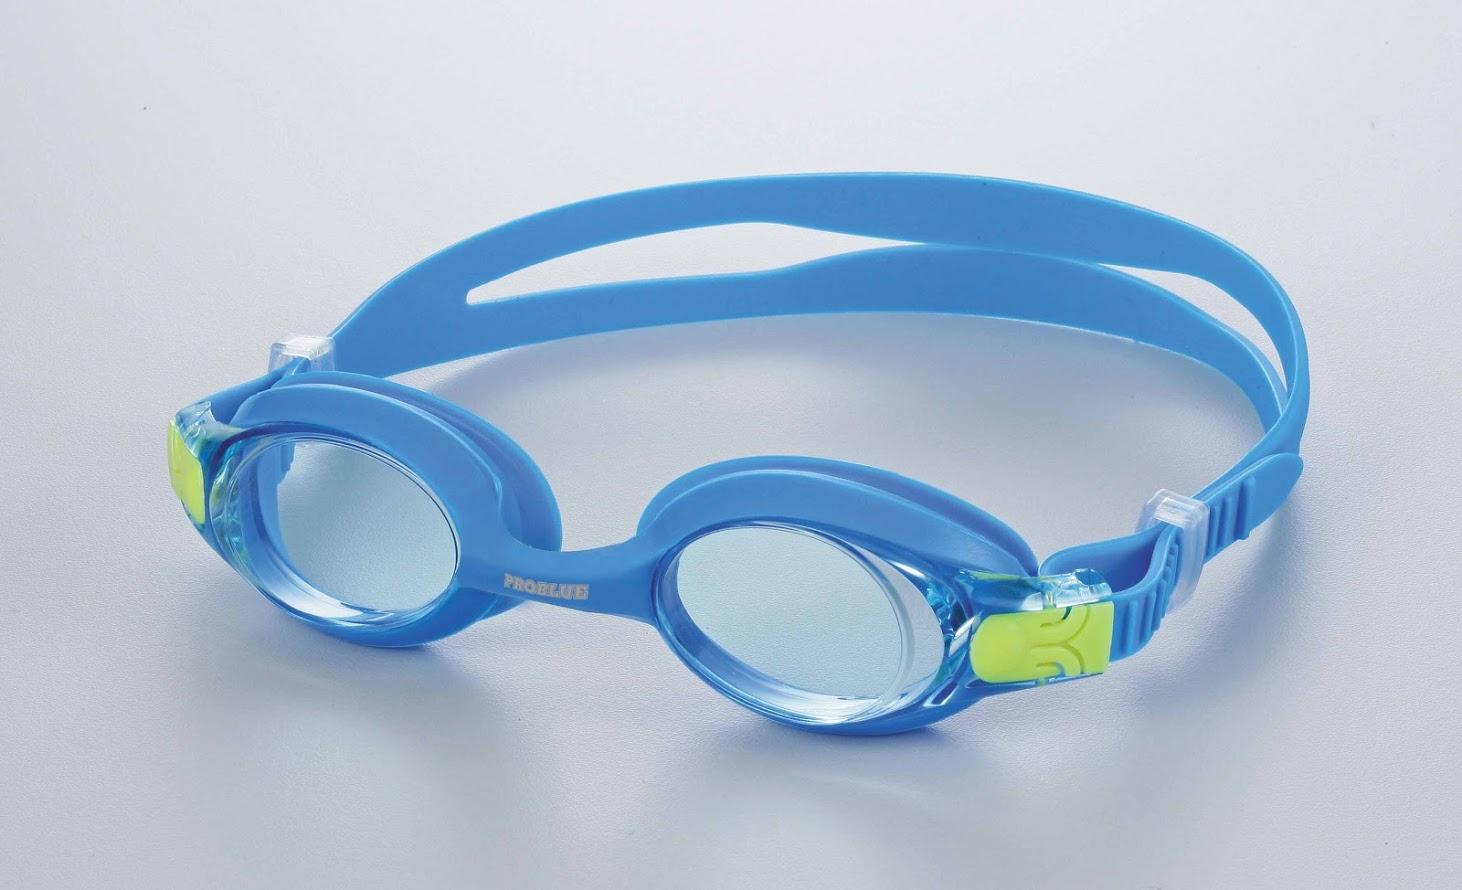 6f26b24aec0 Svømmebriller til børn i 2019 → Vi har samlet de mest populære